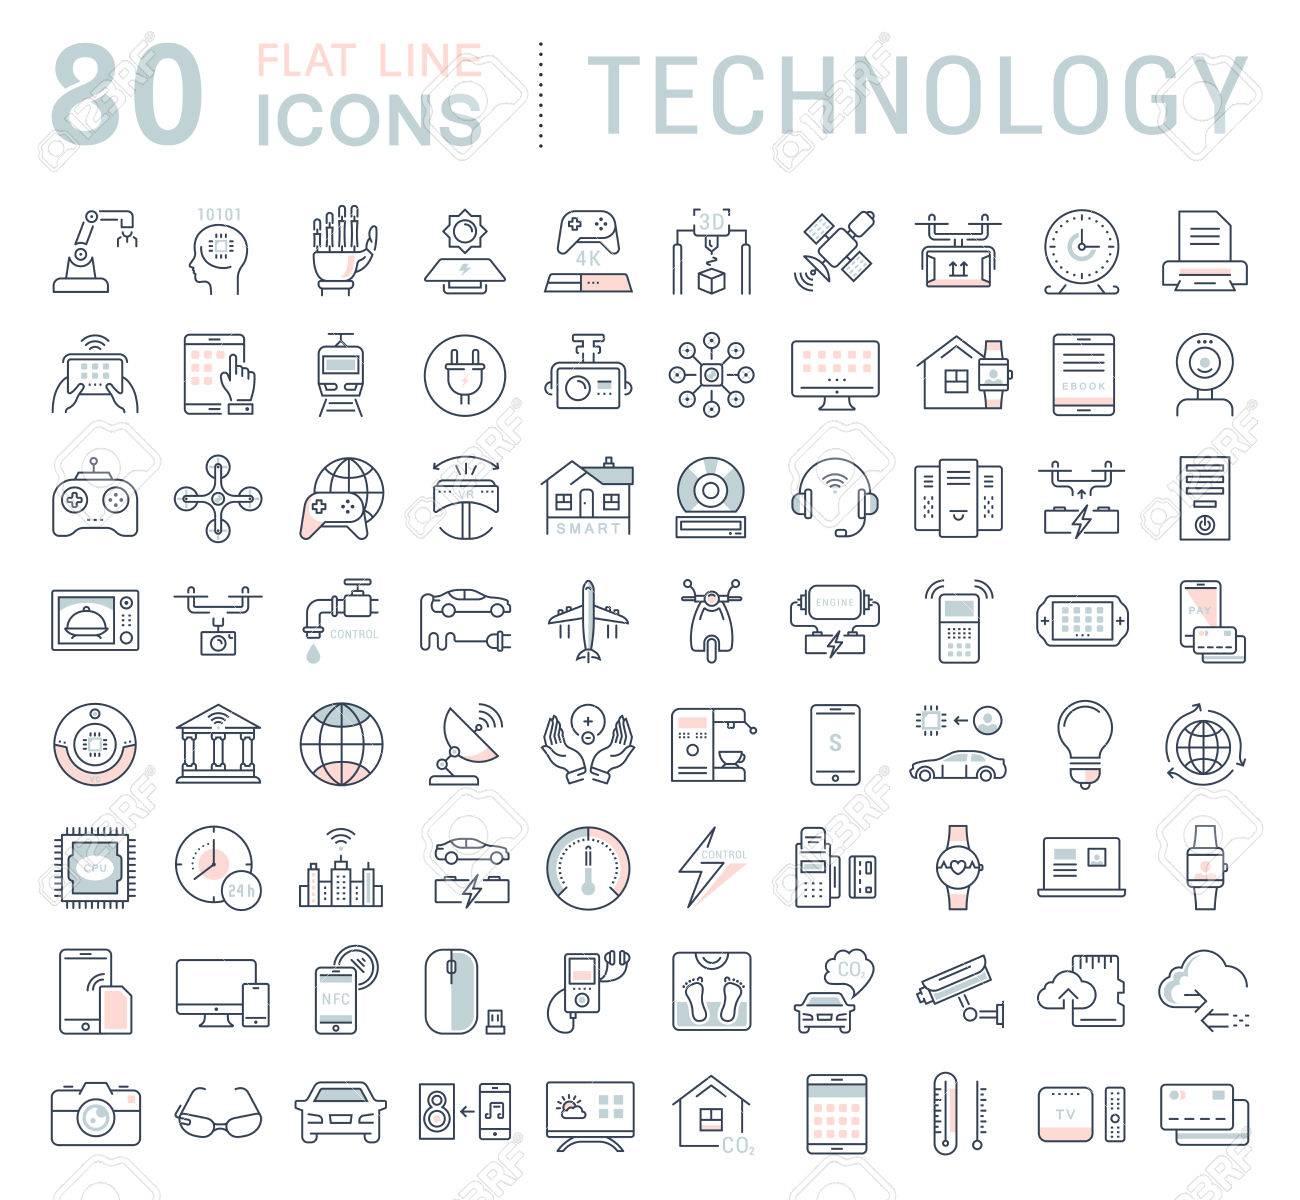 Fije Los Iconos De La Línea En La Tecnología De Diseño Plano, Coche  Eléctrico, La Ciudad Inteligente, Casa, Internet De Las Cosas, De Pago En  Línea.